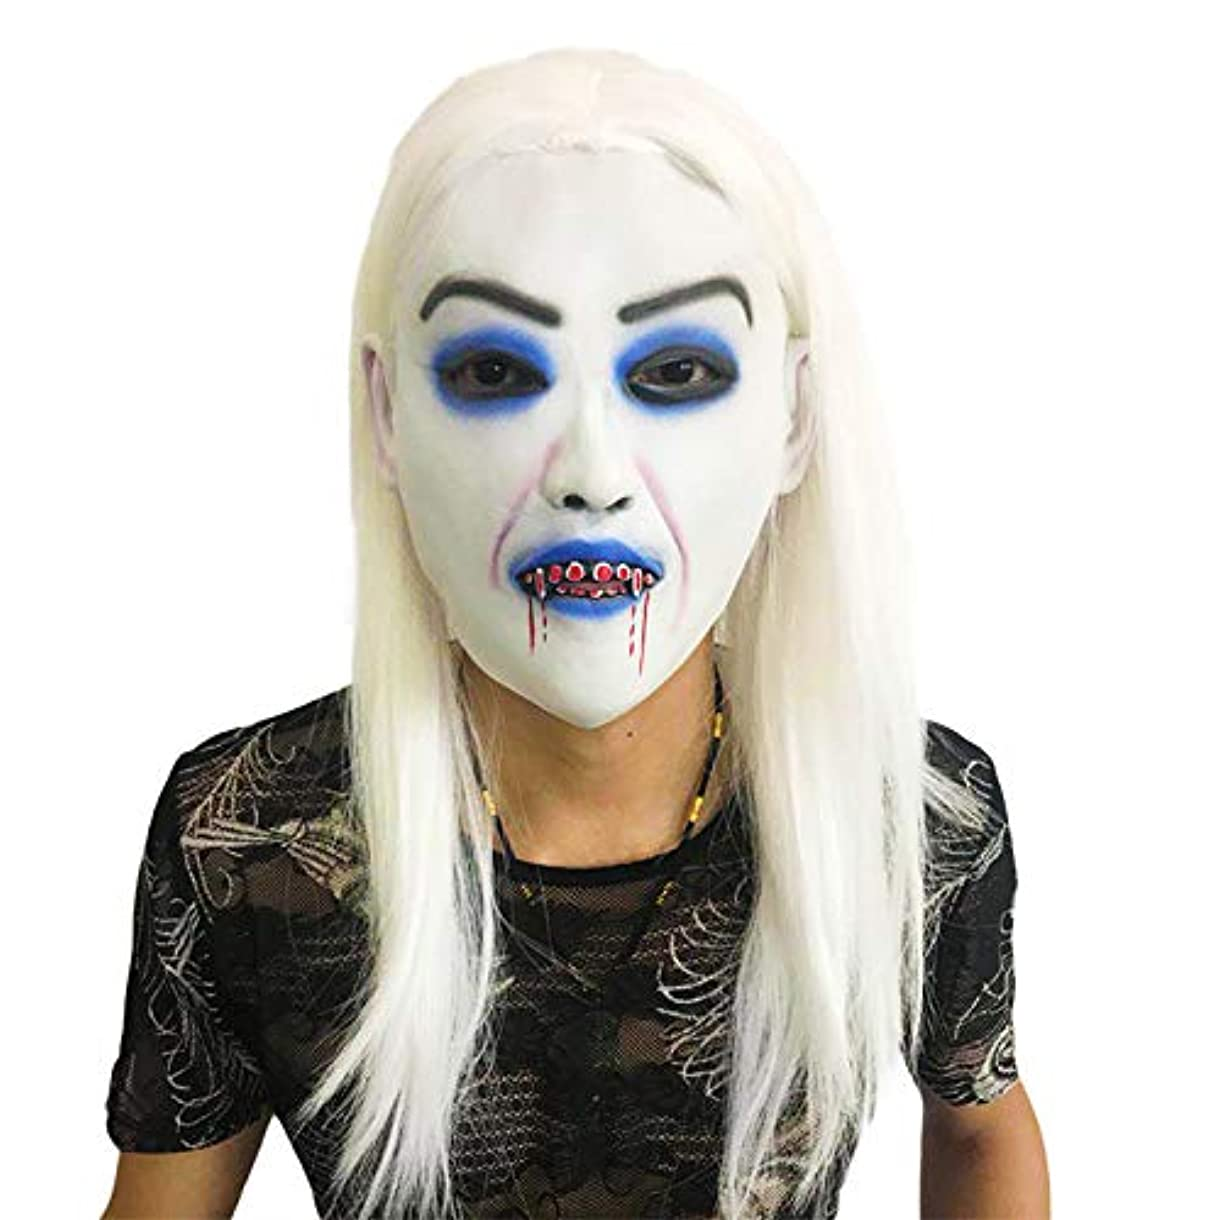 入る任命する代表団白髪ブリードホラー女性ゴーストマスク長い髪怖いマスクハロウィーンの衣装ショーのパフォーマンスセットの小道具